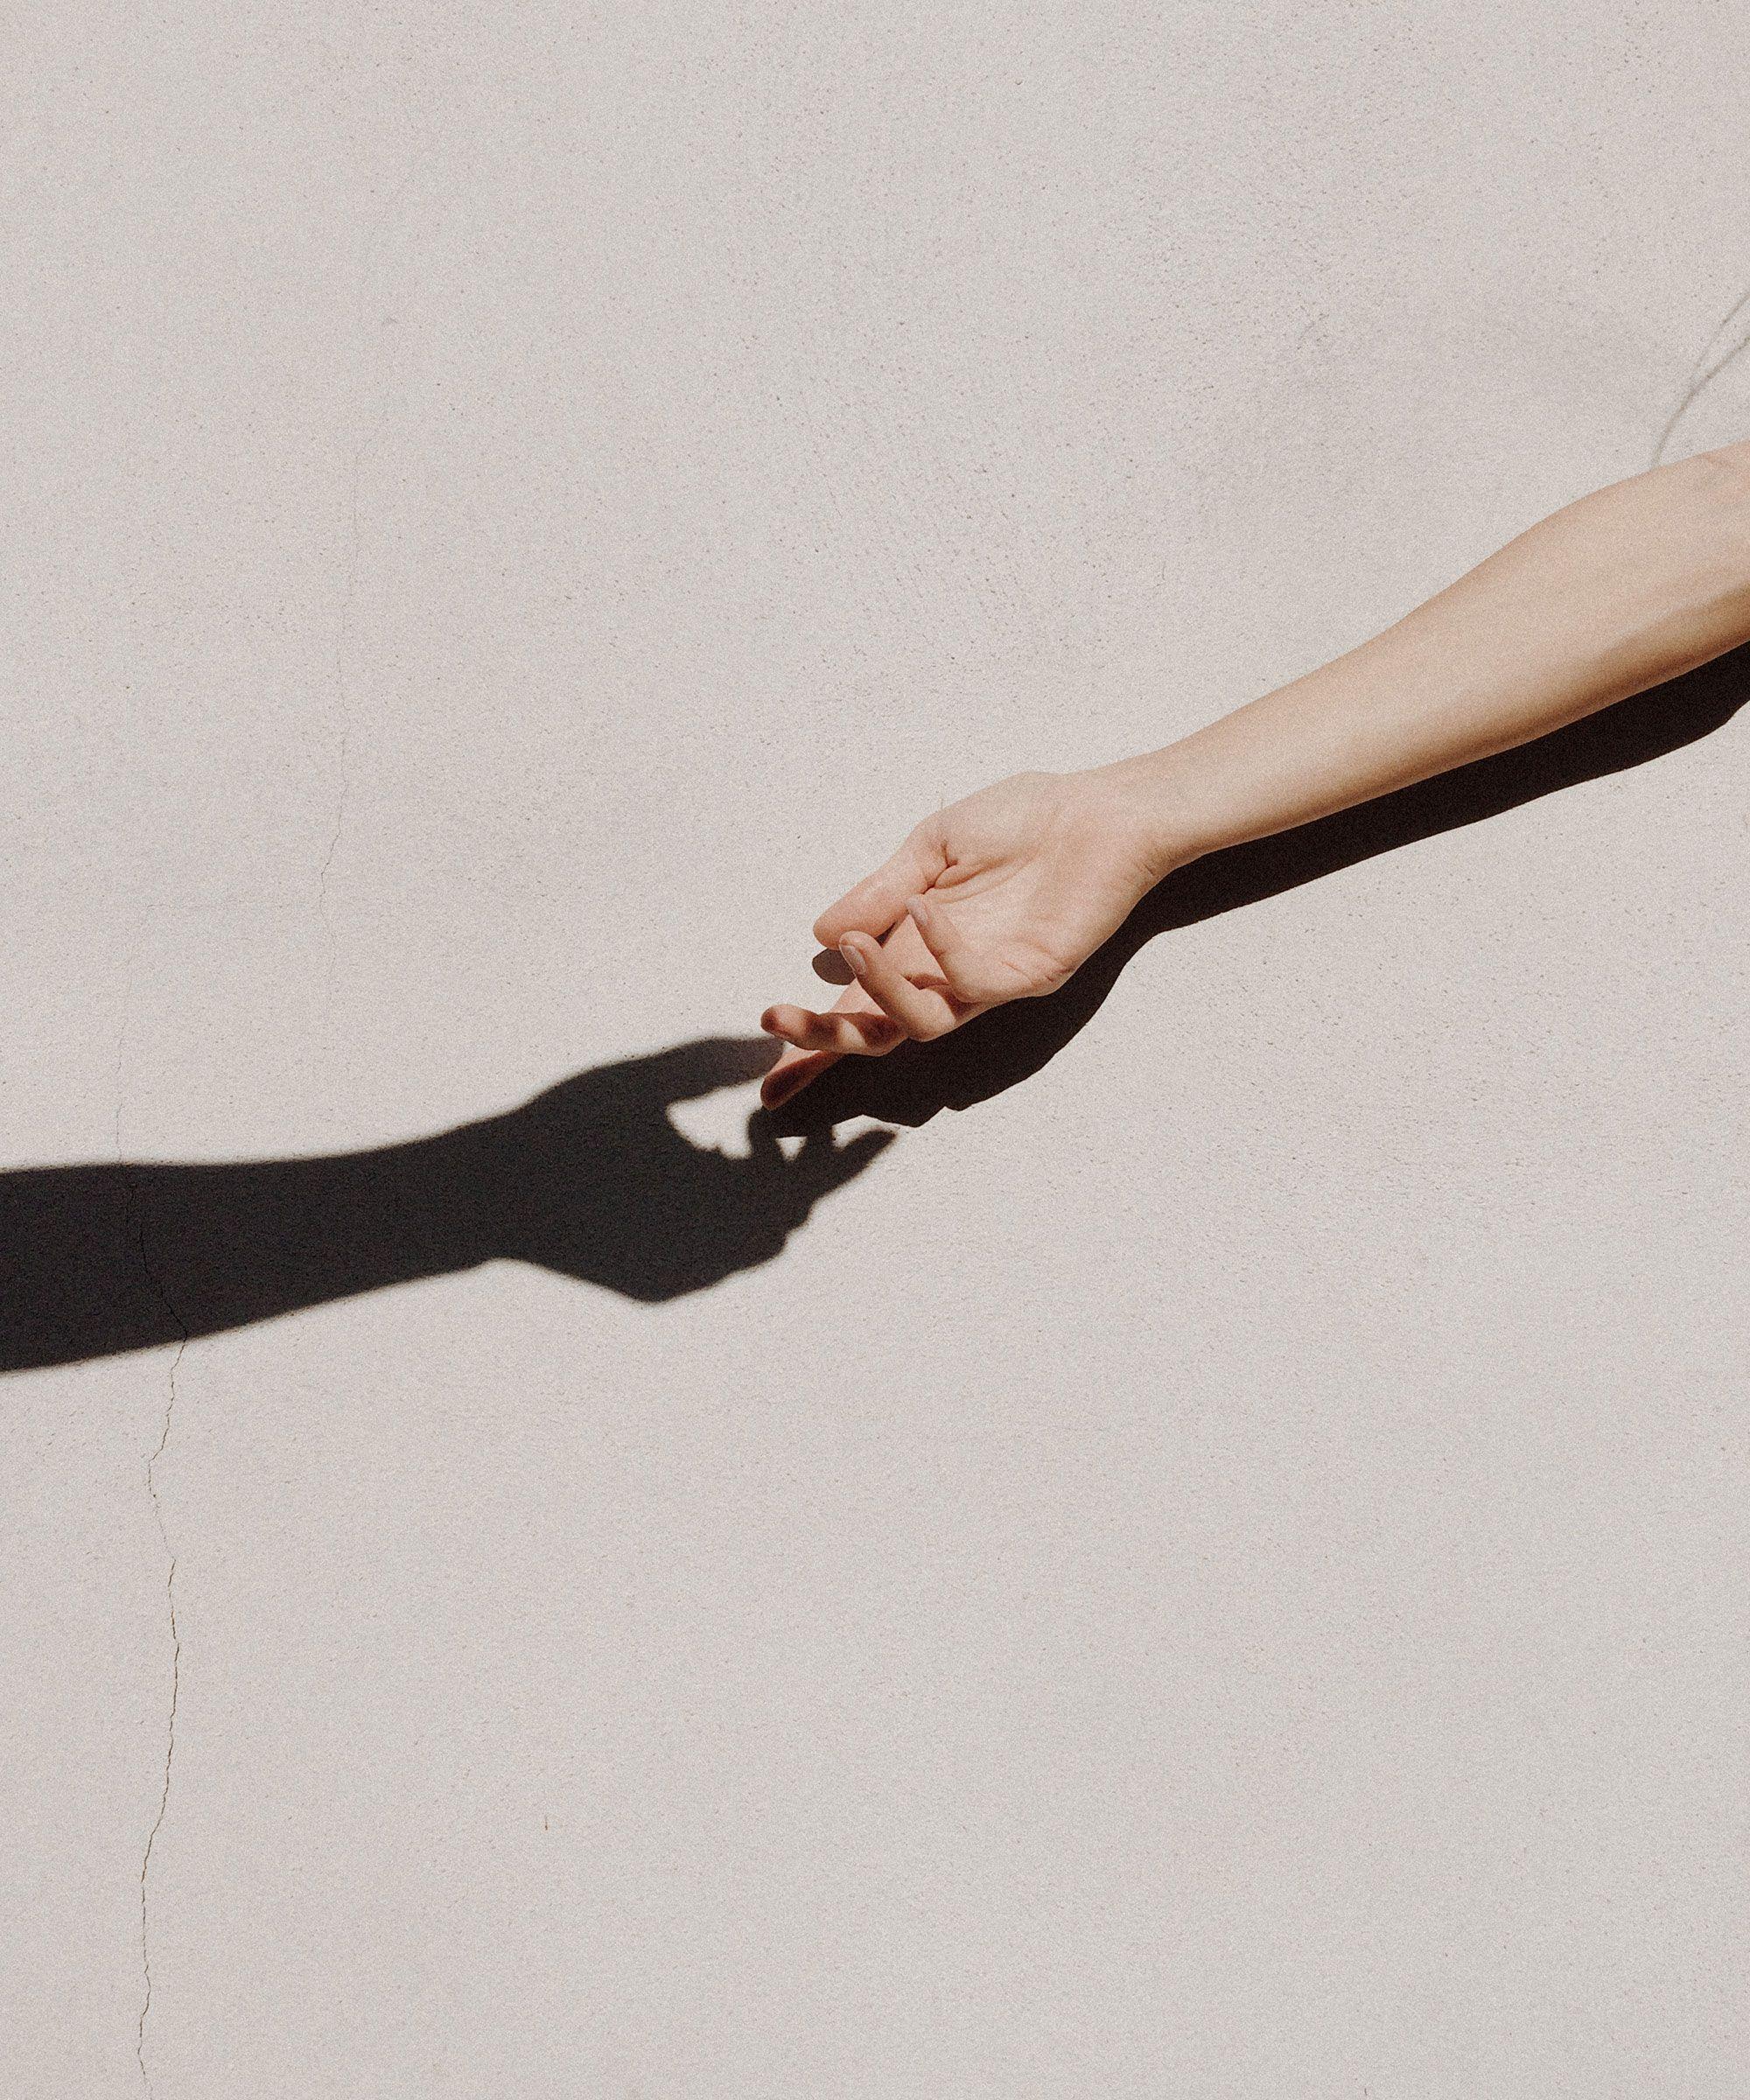 Estudio: Legalización del matrimonio igualitario impulsó una reducción dramática de suicidios